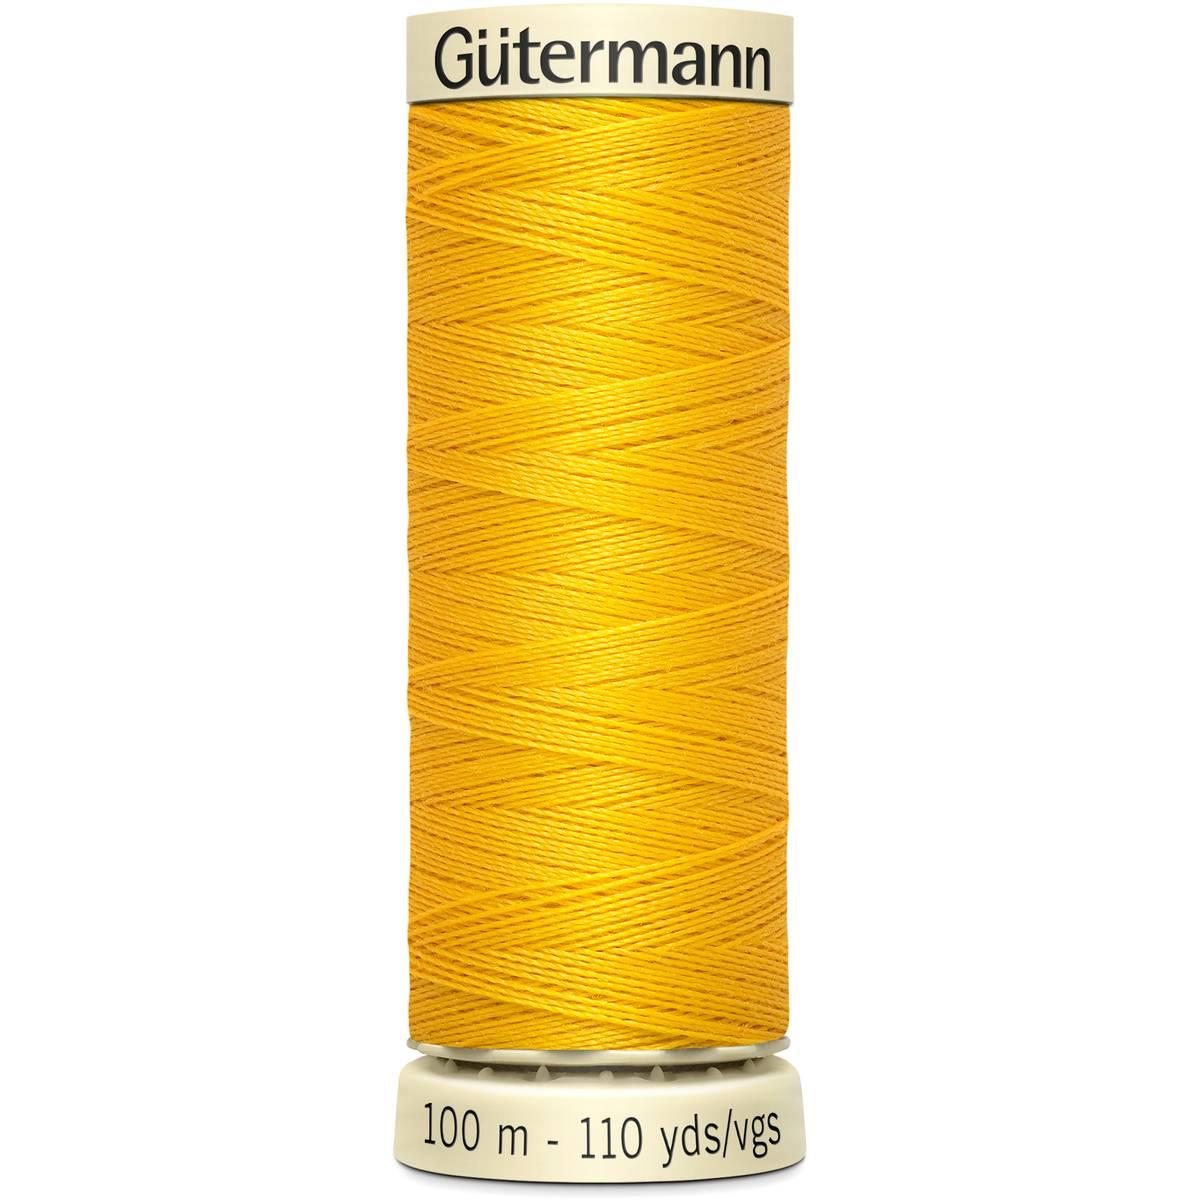 חוט תפירה גוטרמן - Yellow 106